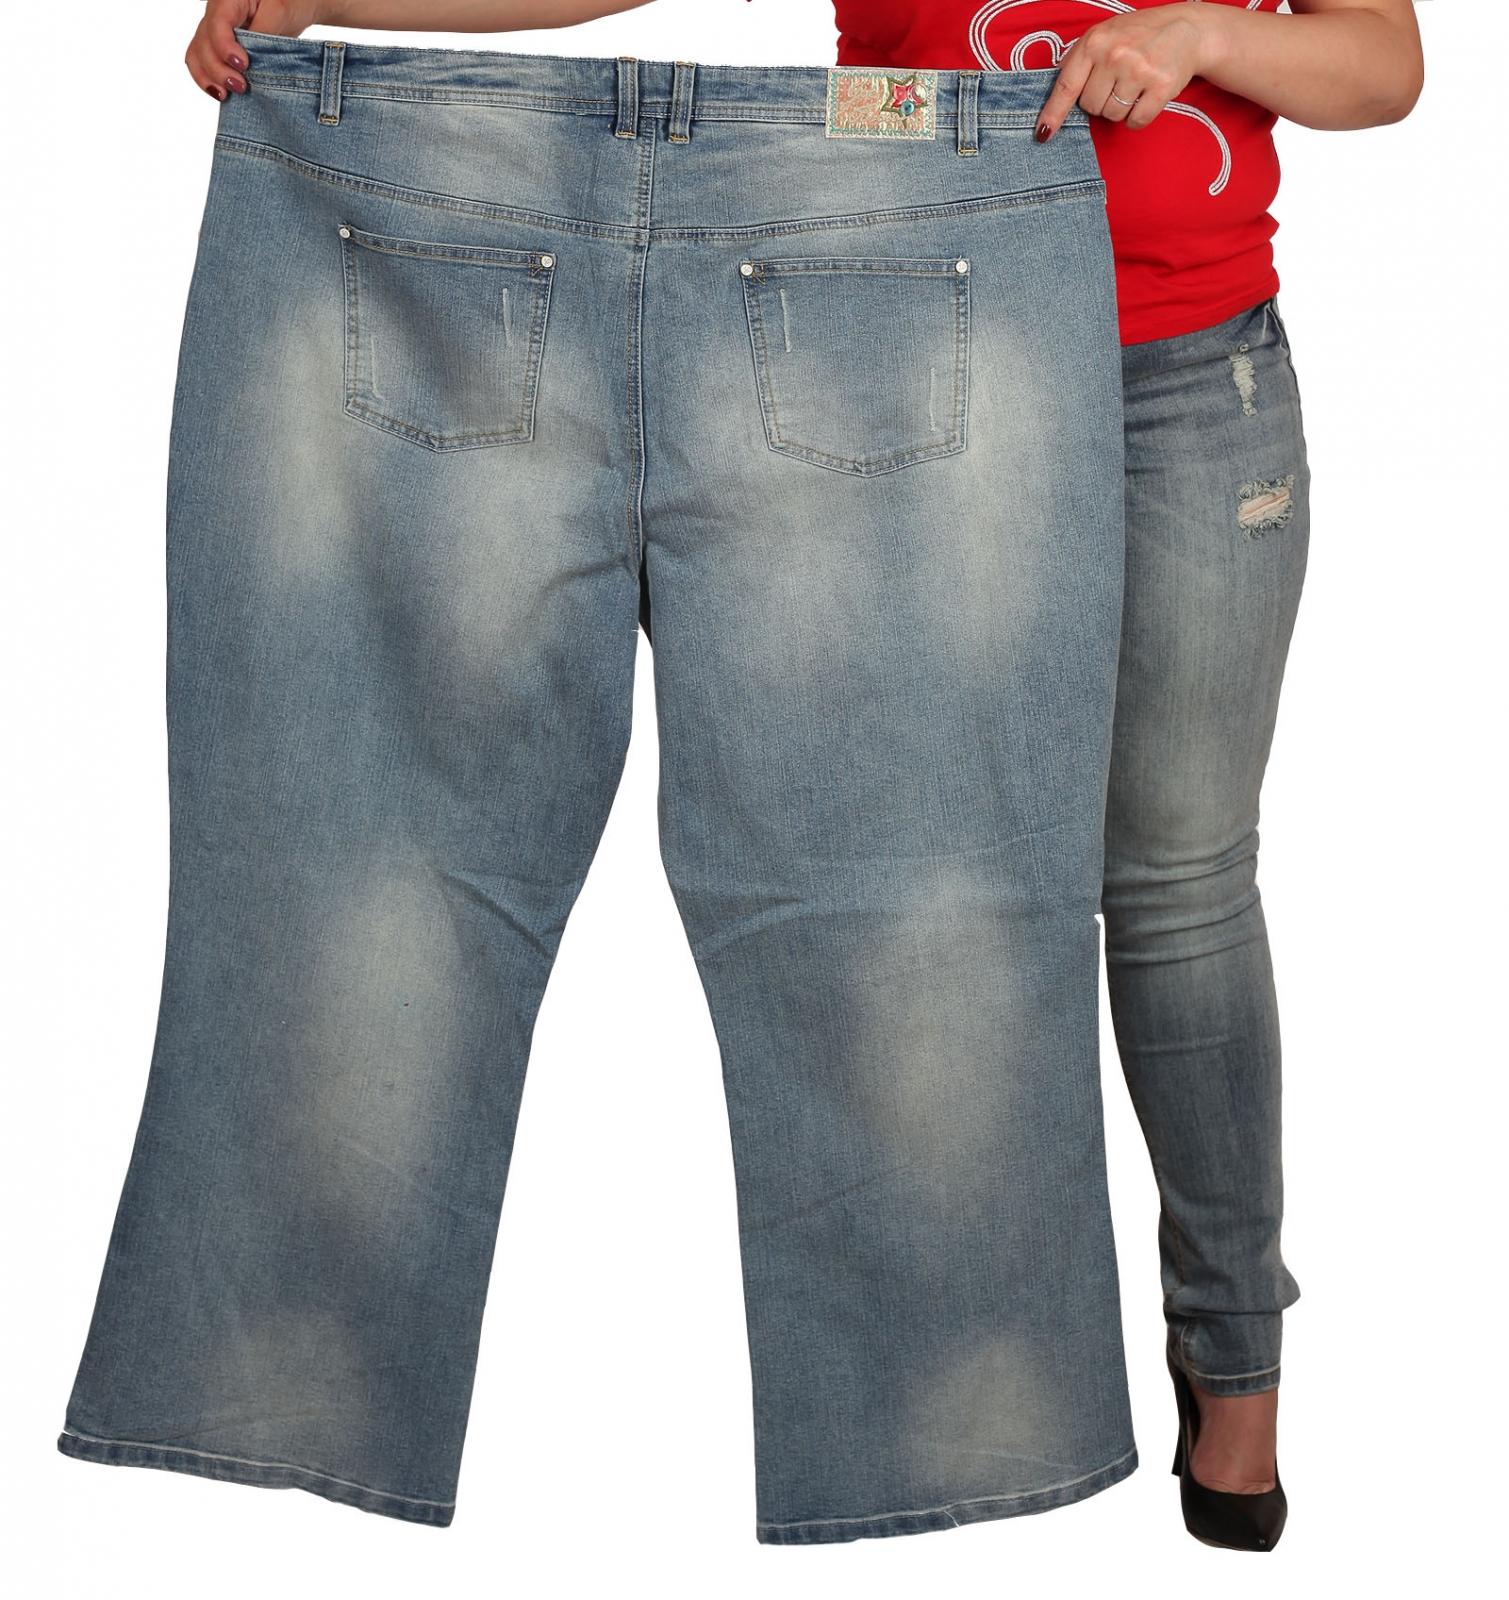 Большие размеры джинсы для женщин в магазине Военпро в Москве